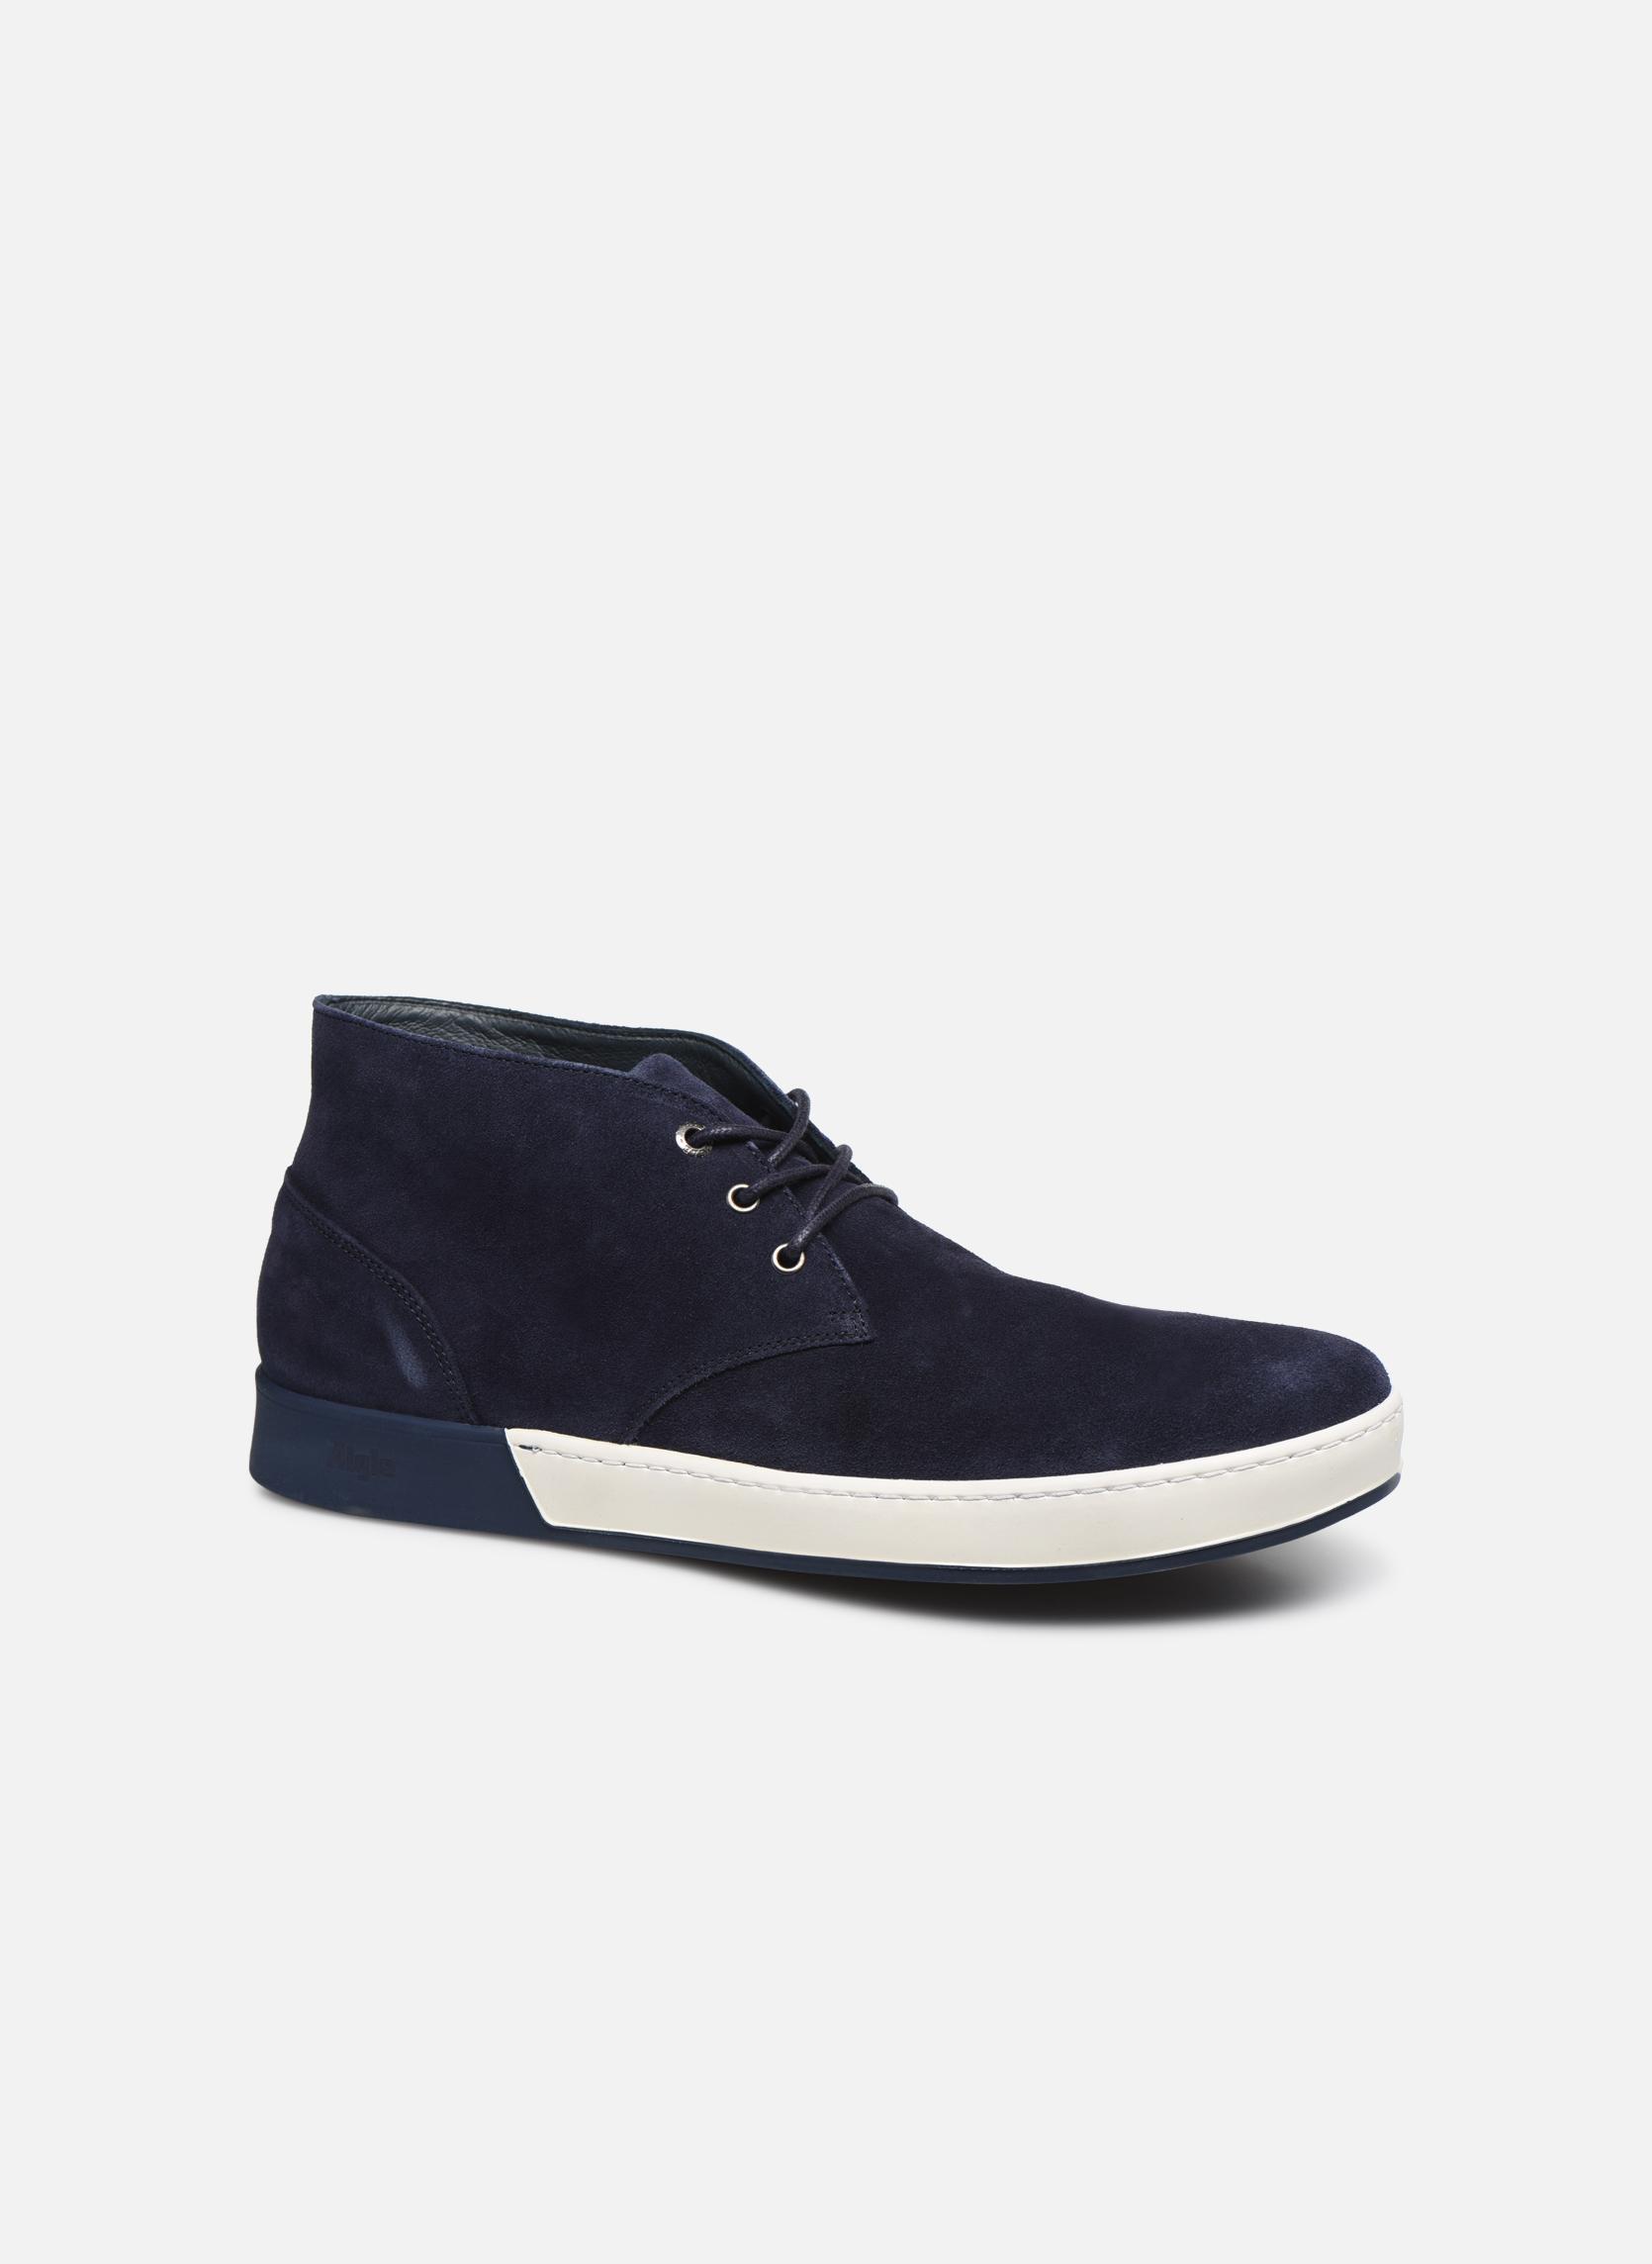 Chaussures à lacets Homme Lonriver Mid